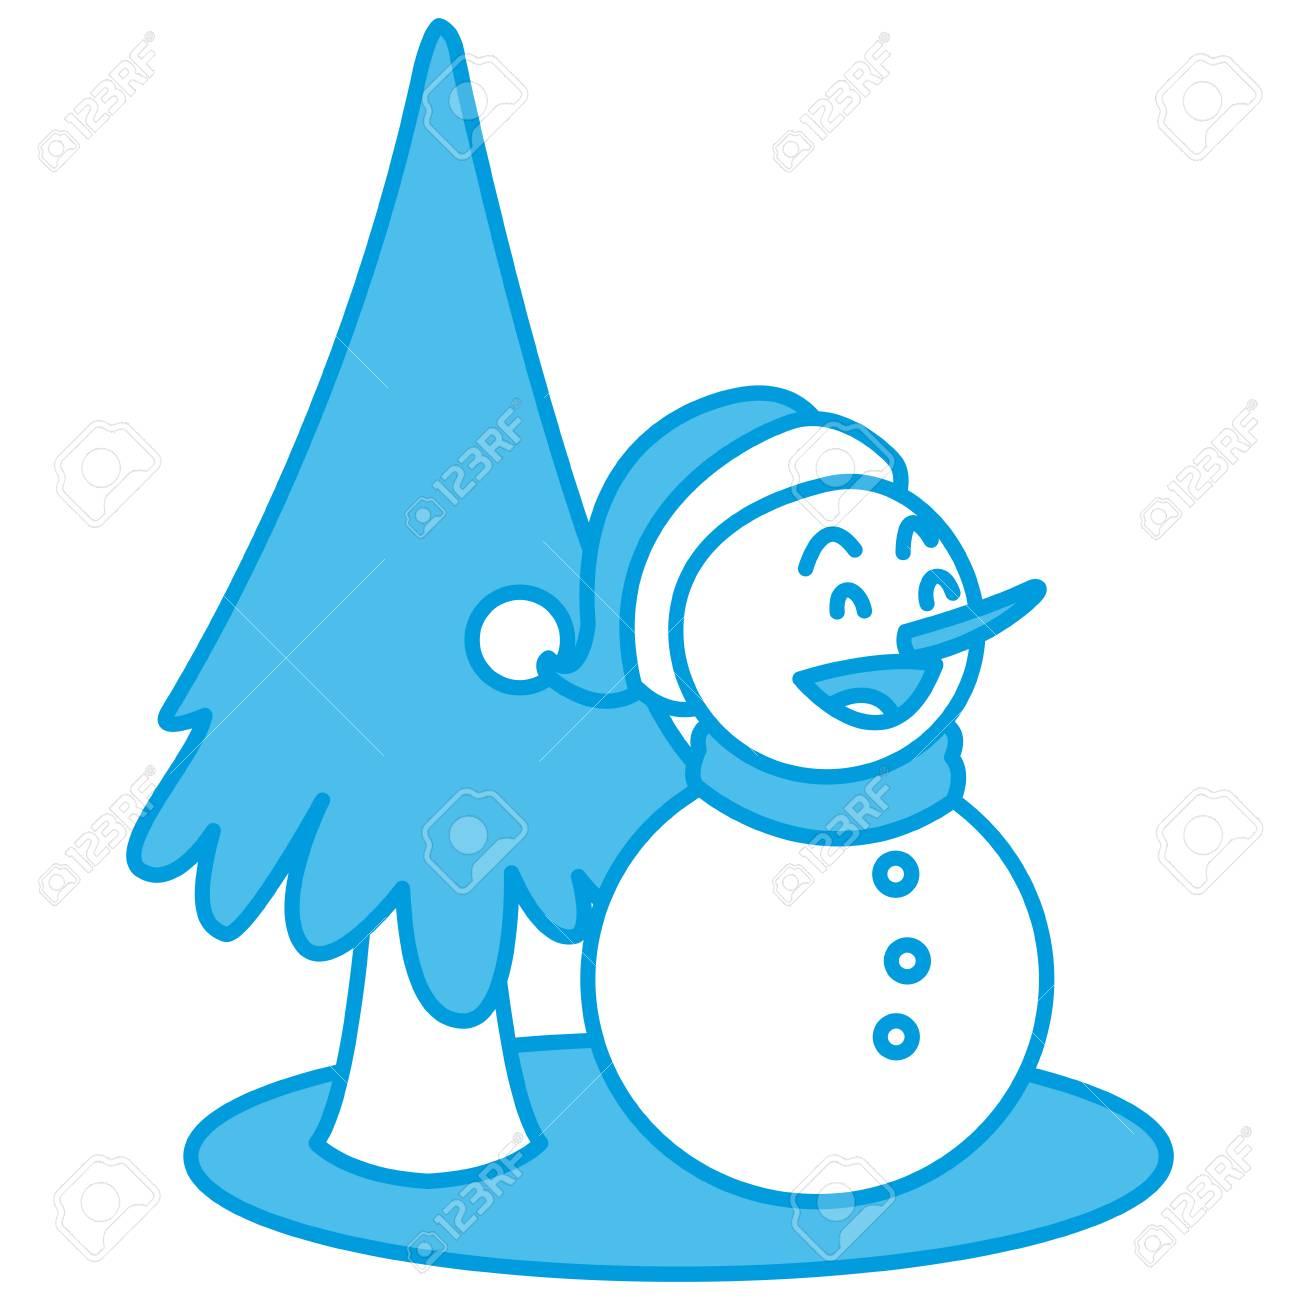 Bonhomme Graphique bonhomme de neige noël dessin animé icône vector illustration design